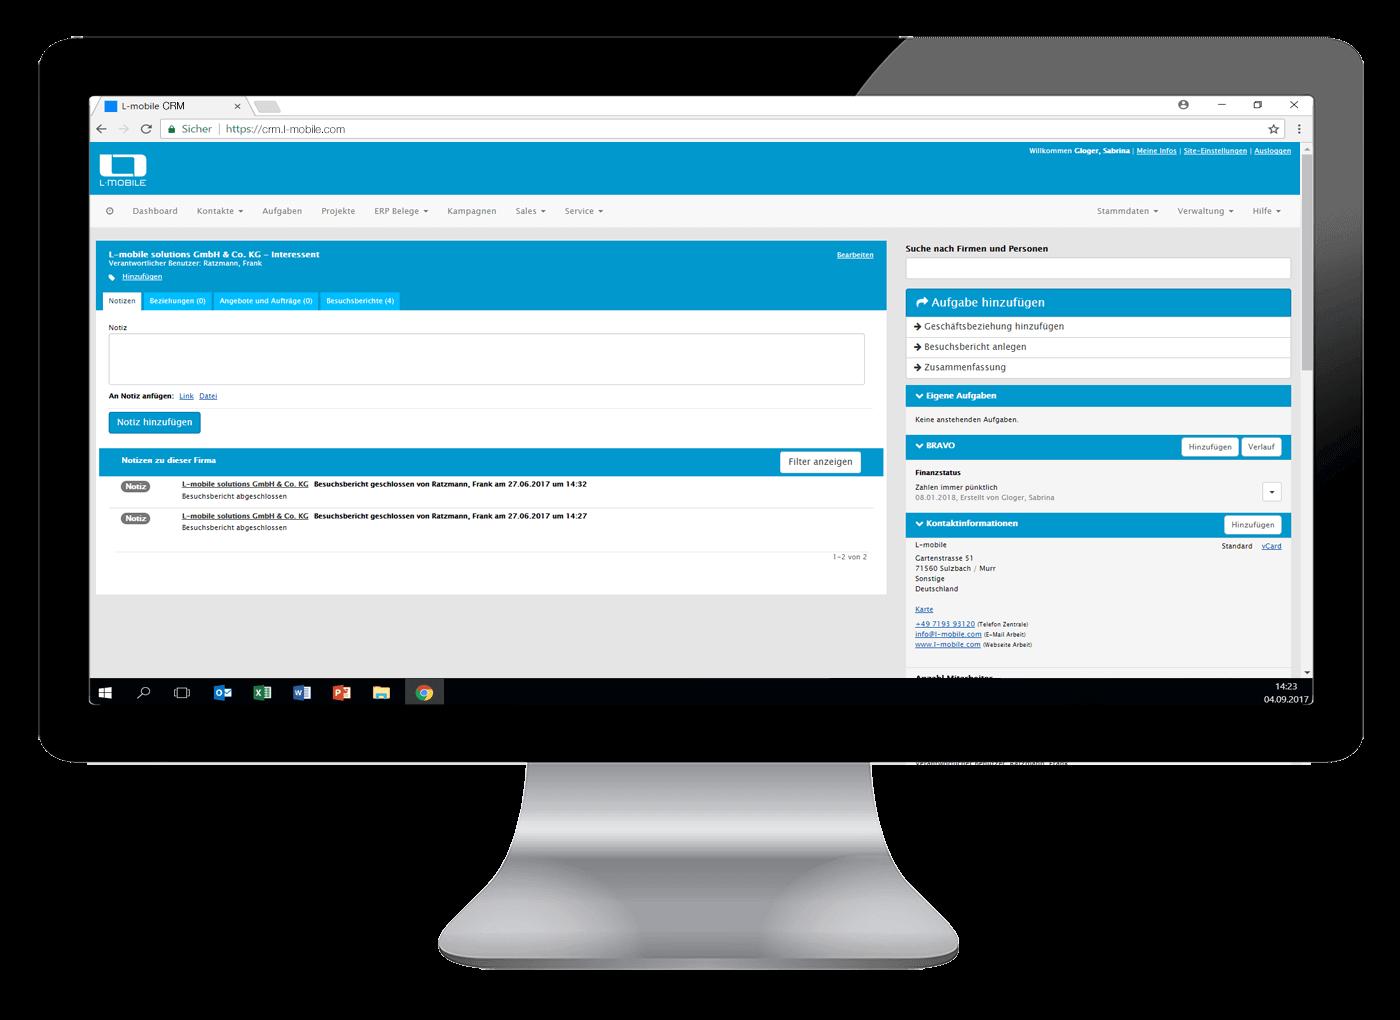 L-mobile Mobiler Vertrieb Funktionen vollintegriertes CRM Alle relevanten Daten zentral in Ihrer Kundenverwaltung CRM